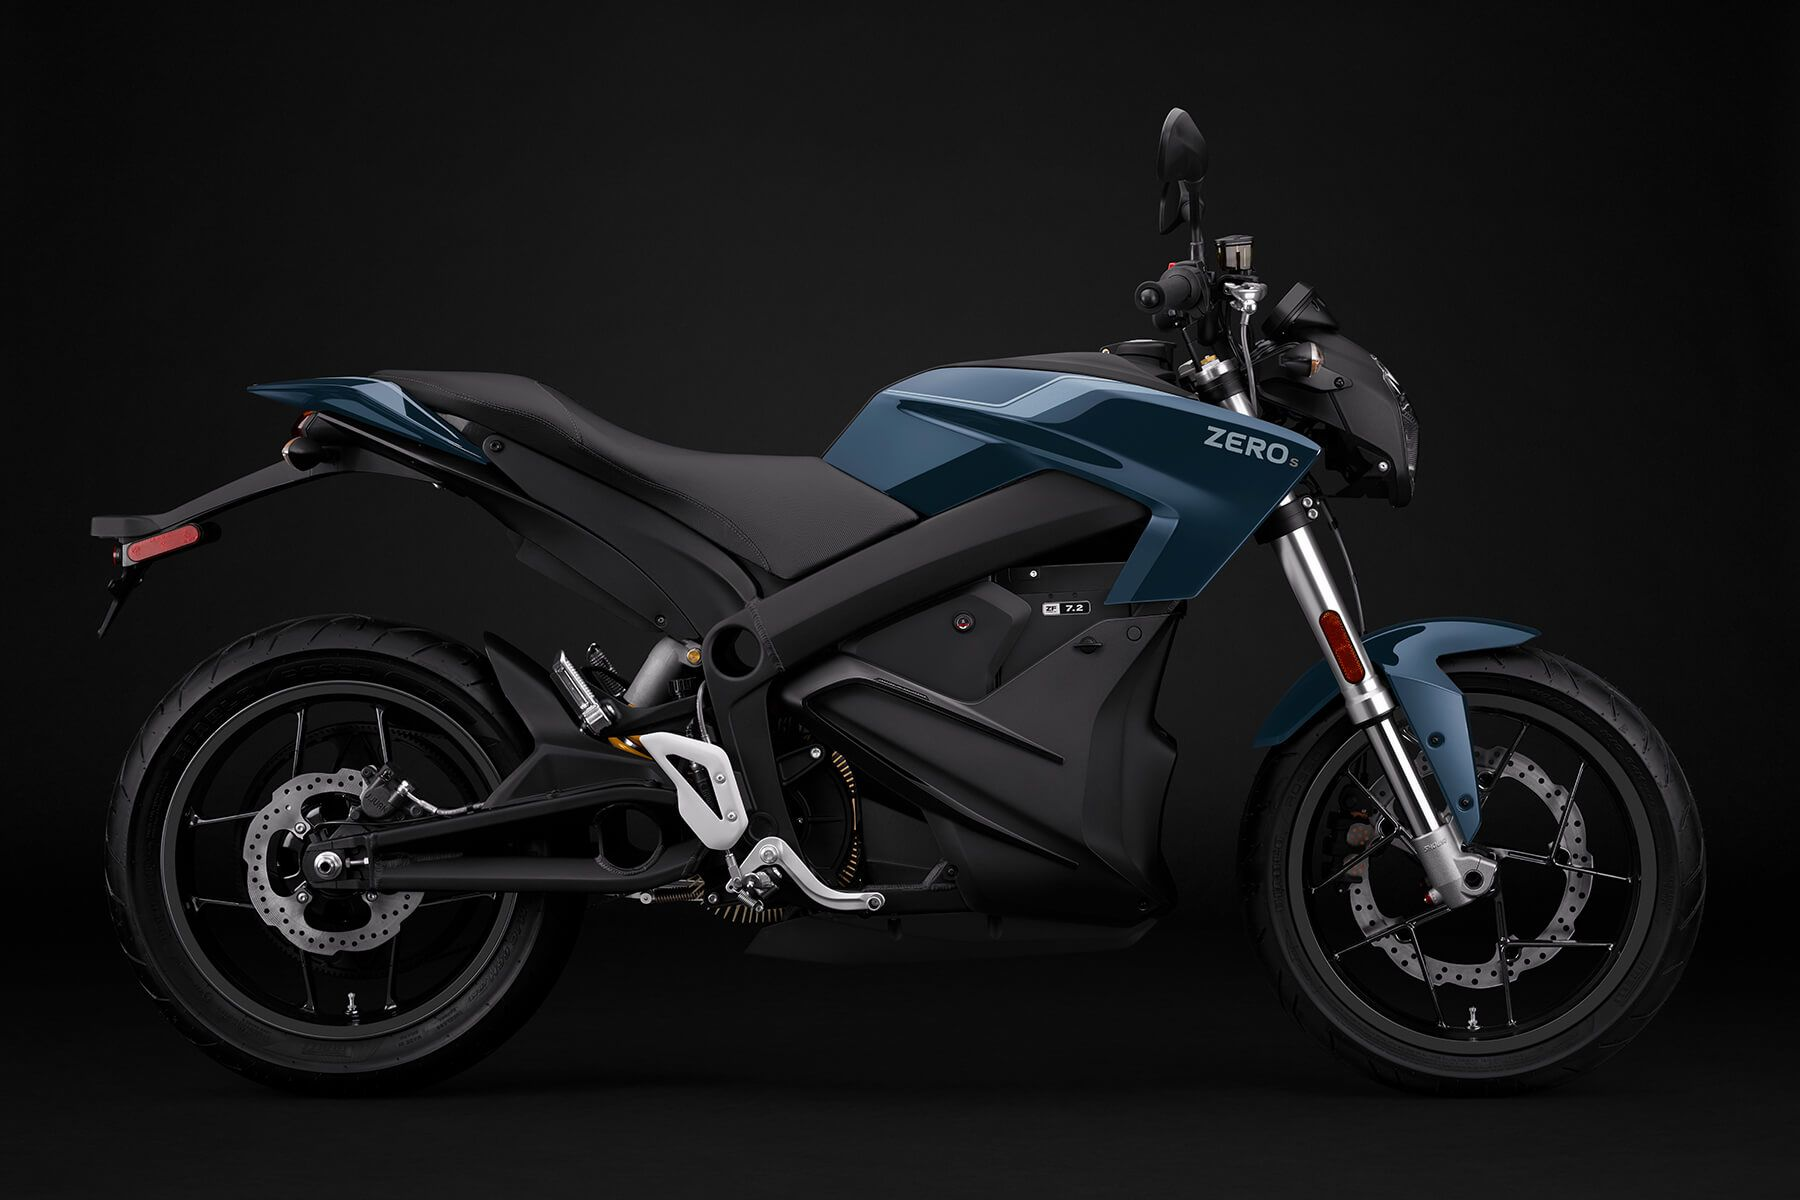 Zero Motorcycles Europe Zero S Electric Motorcycle Electric Motorcycle Electric Motorcycle For Sale New Motorcycles